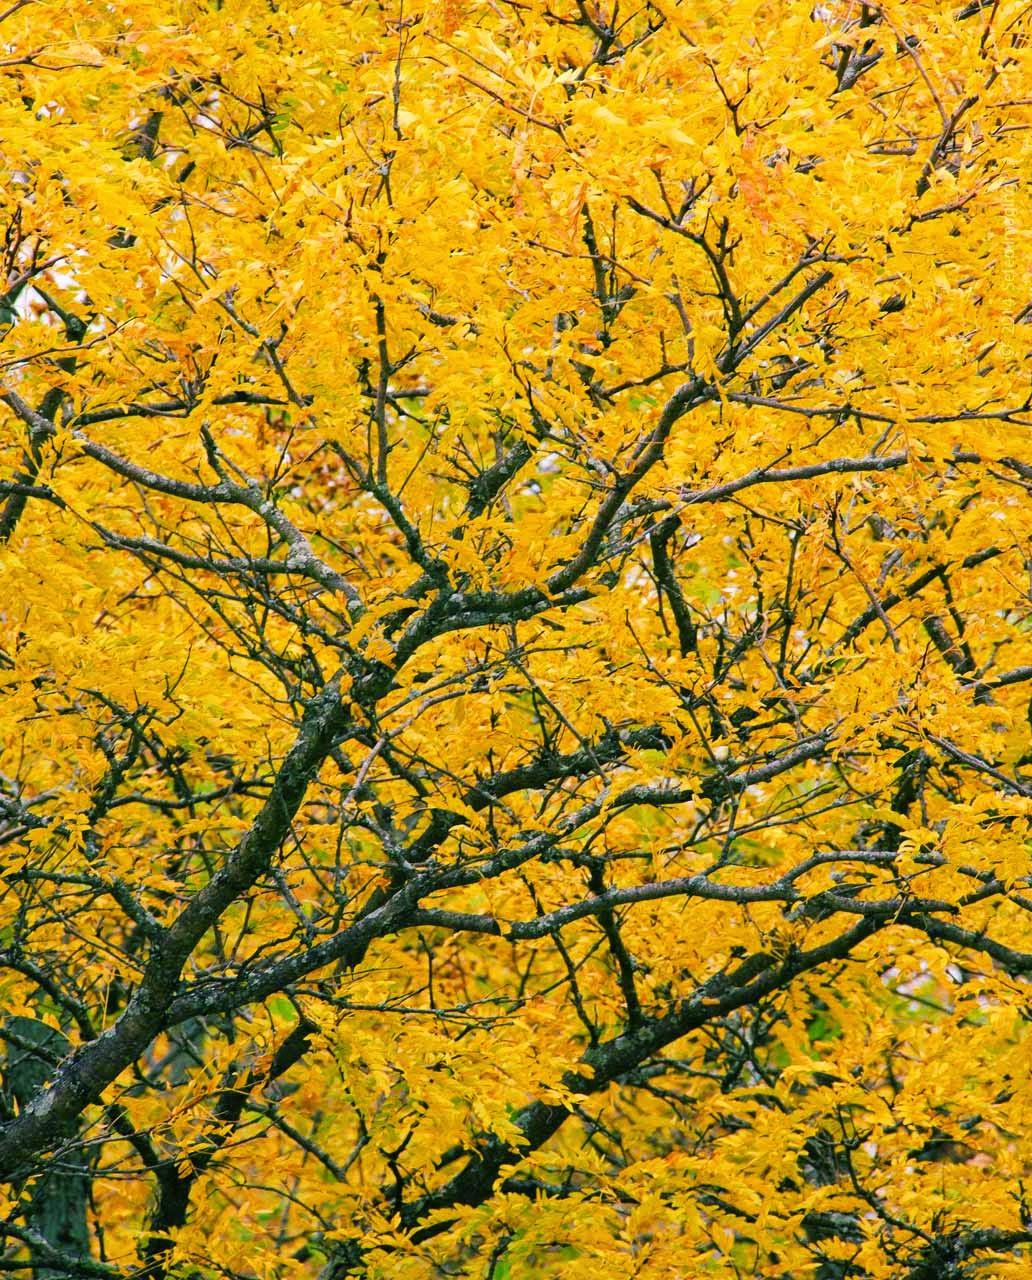 autumn fall foliage by Jeanne Selep